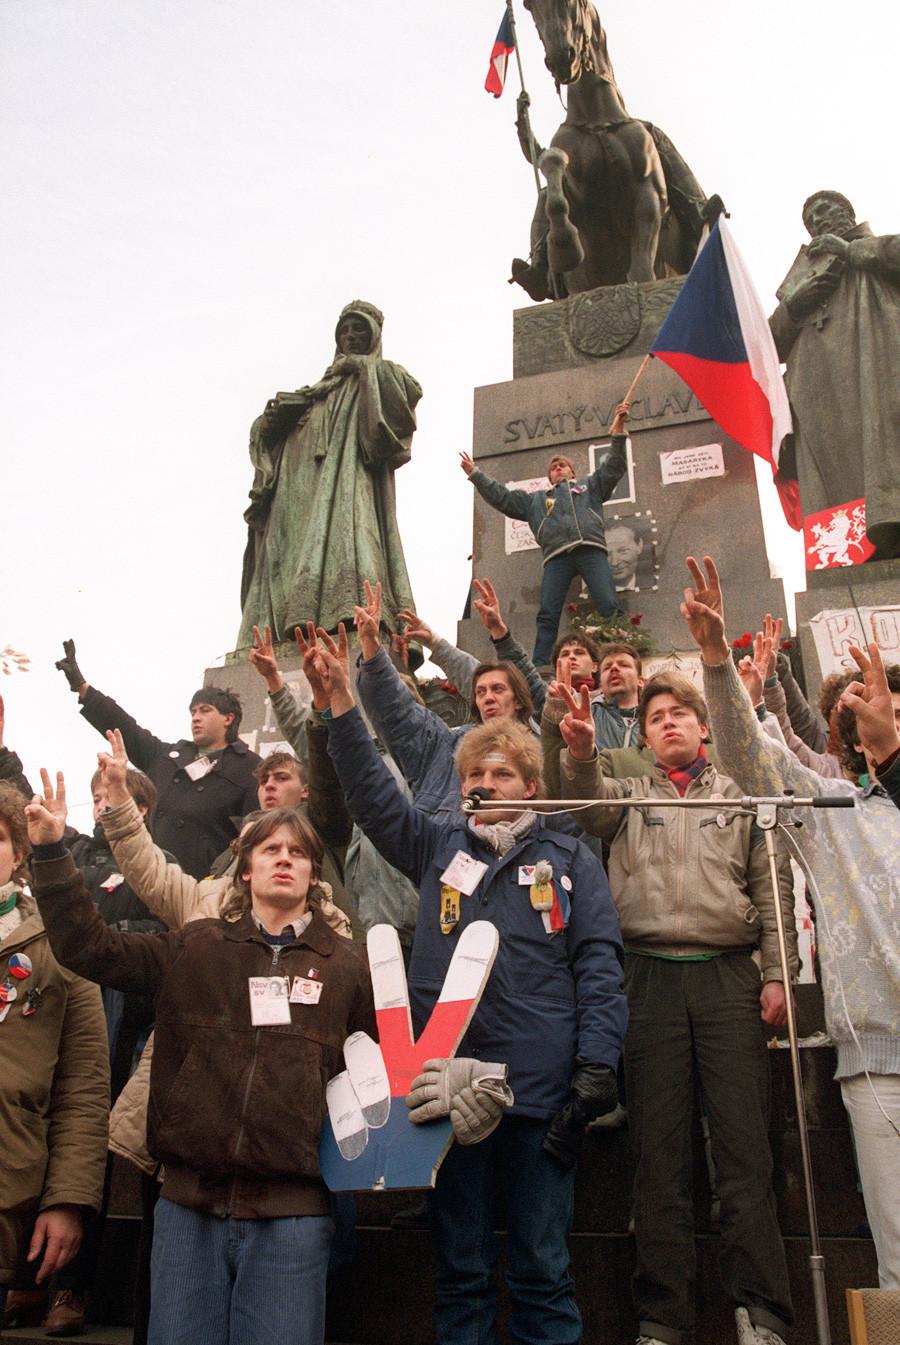 Warga merayakan kejatuhan pemerintahan Komunis di Cekoslowakia.